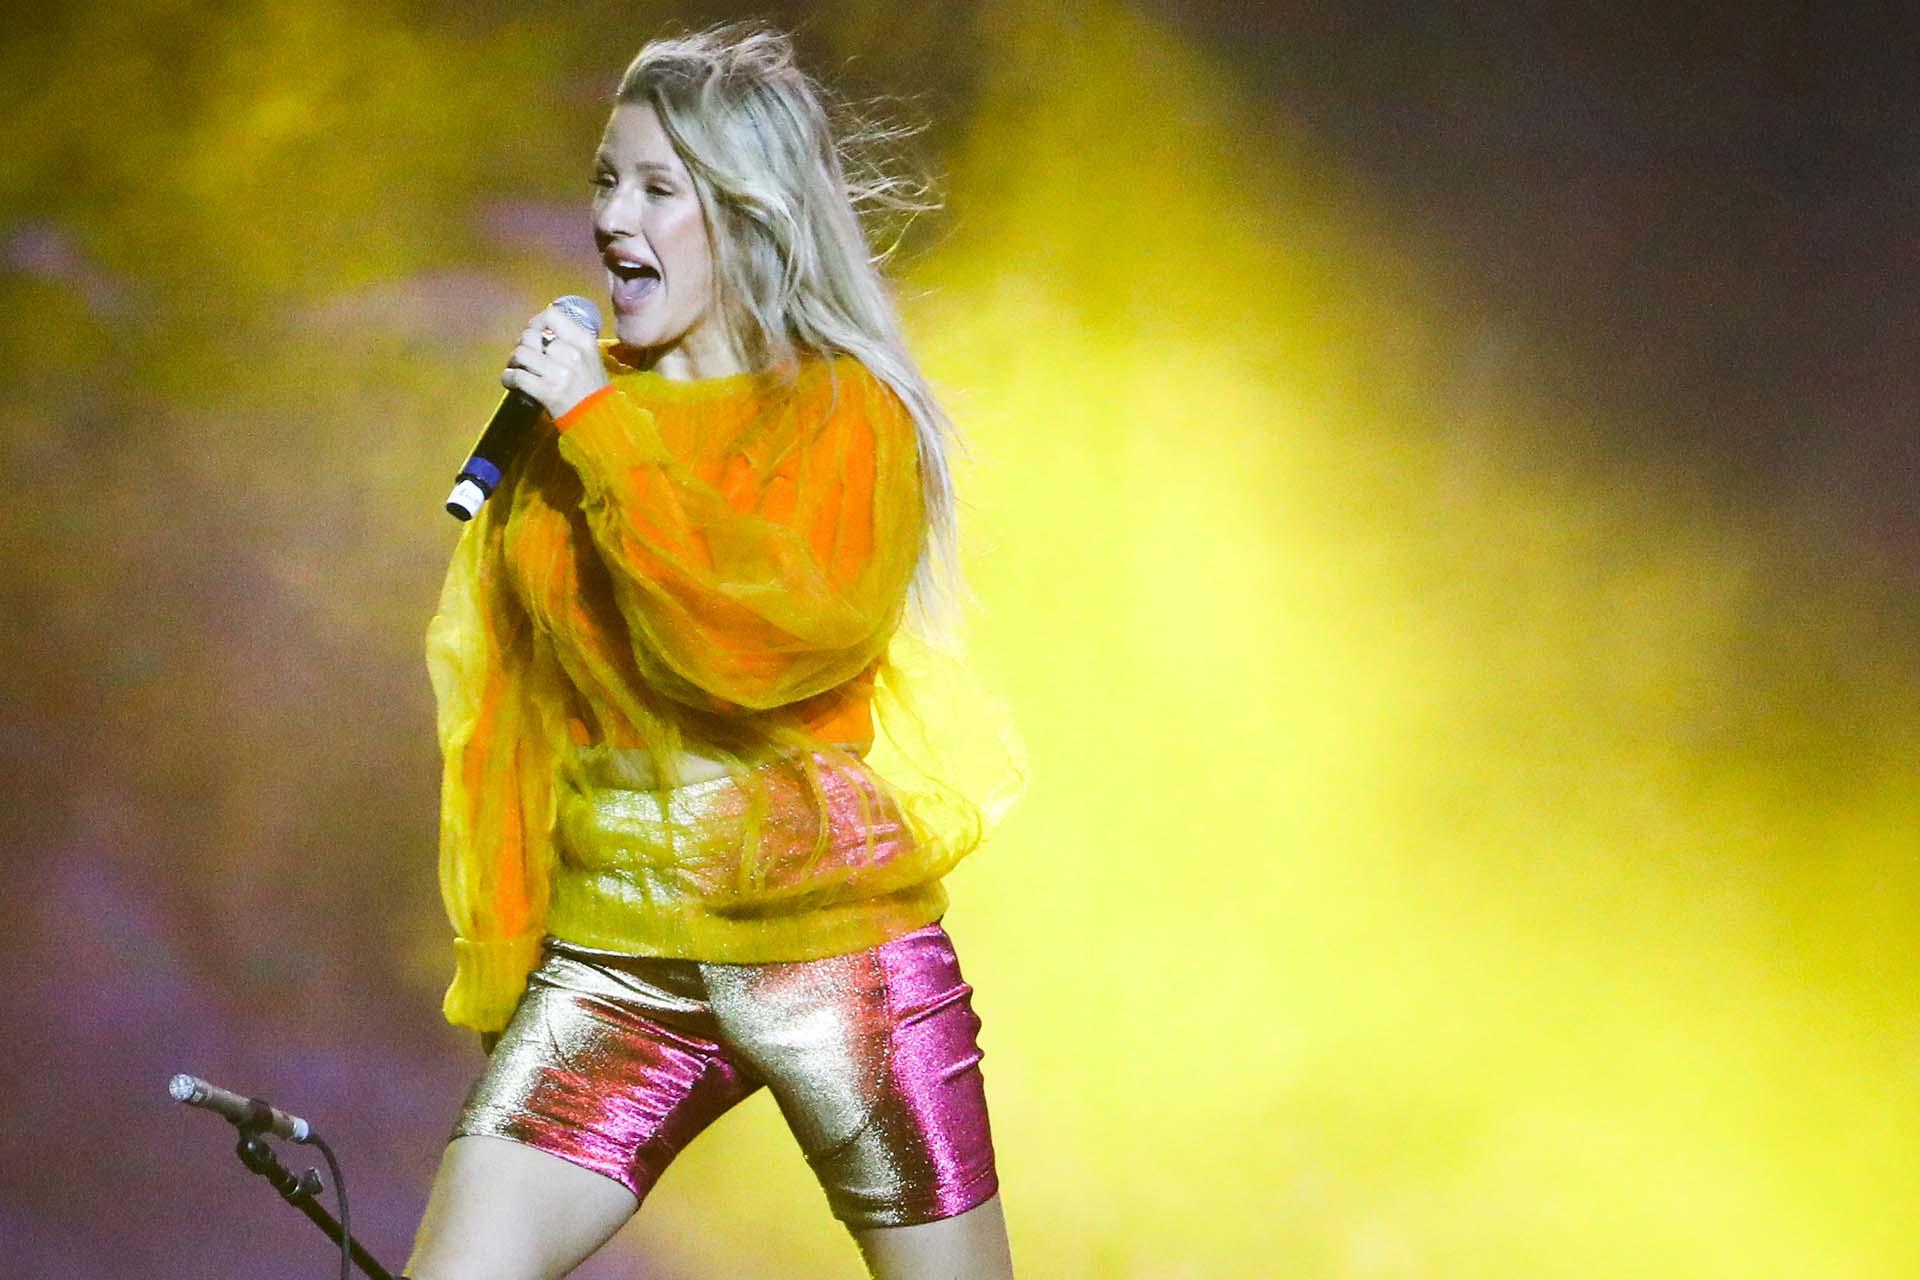 Ellie Goulding, la británica fashionista eligió los biker shorts en dorado y un buzo en mostaza. Sorprendió a todos con su voz y con su look monocromático